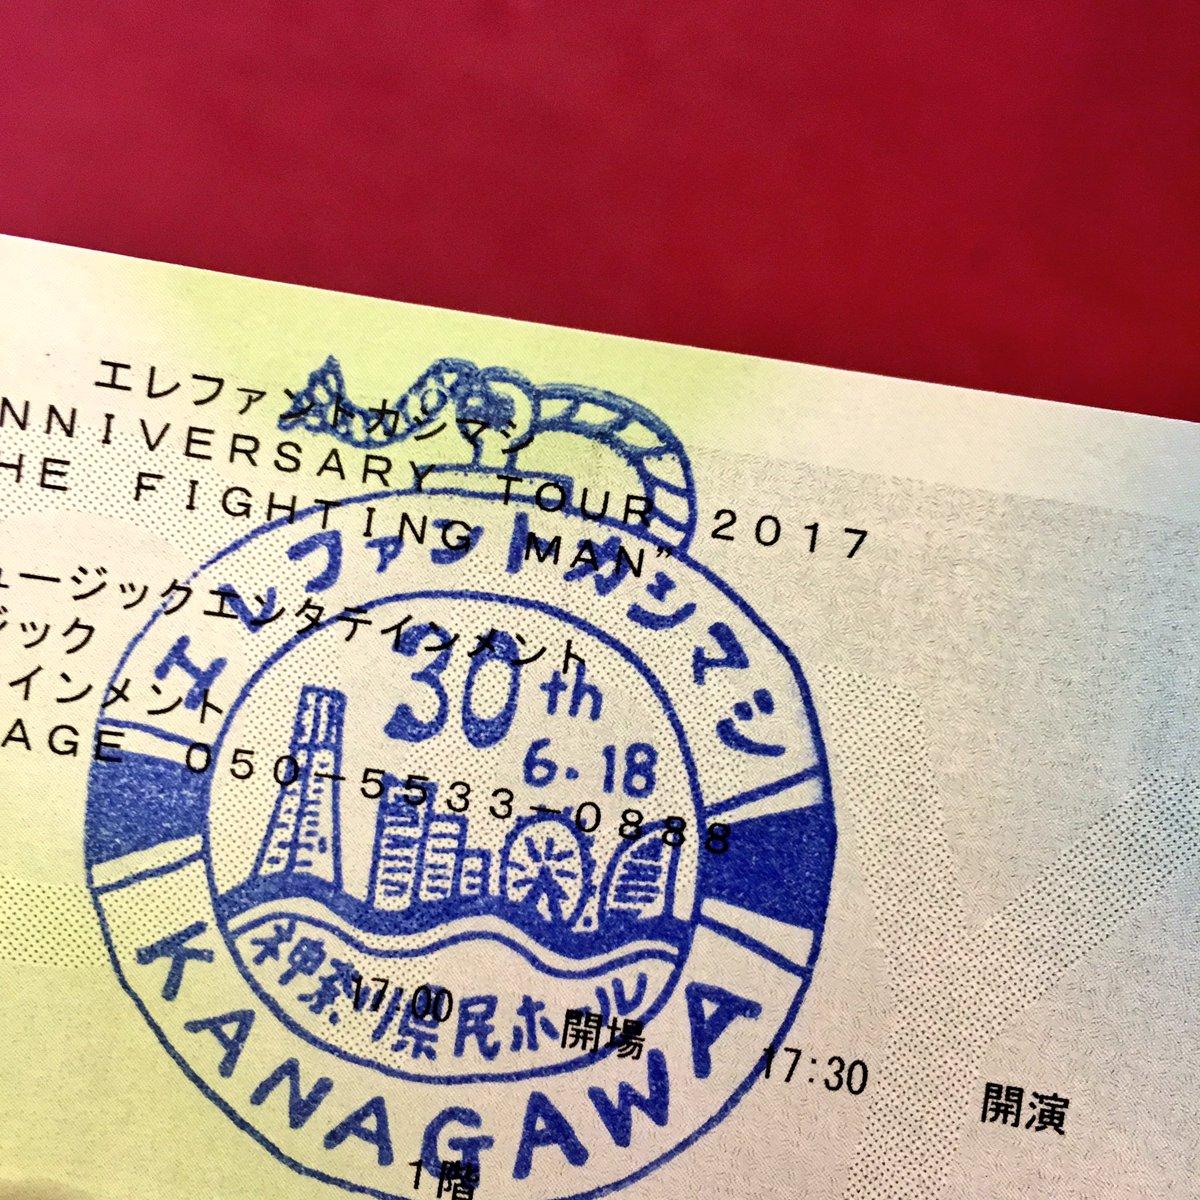 KANAGAWA https://t.co/jl8kl7uNXb